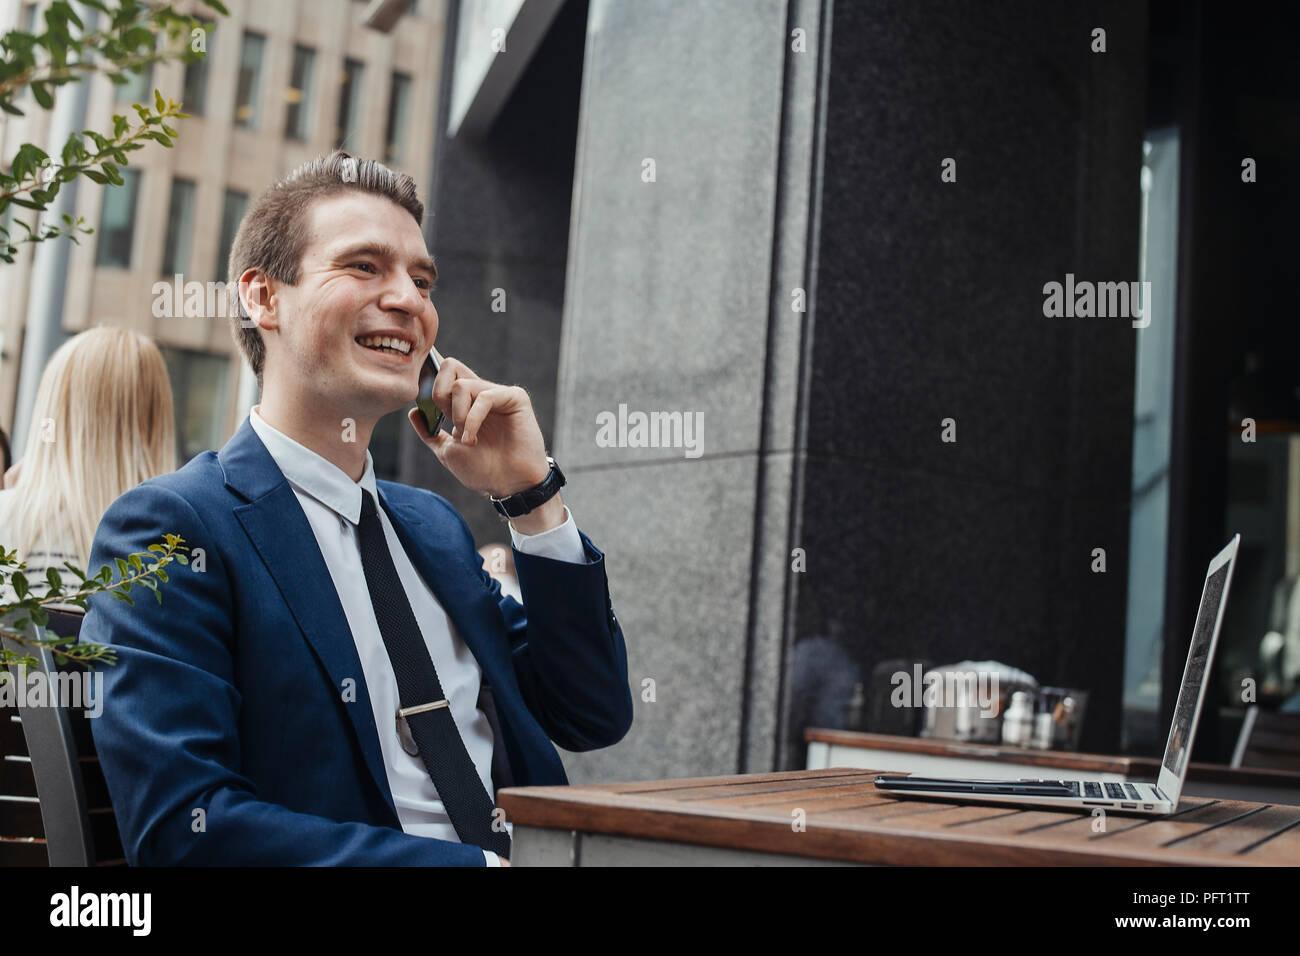 Morena atractiva joven empresario hablando por teléfono móvil y sonriente. Imagen De Stock